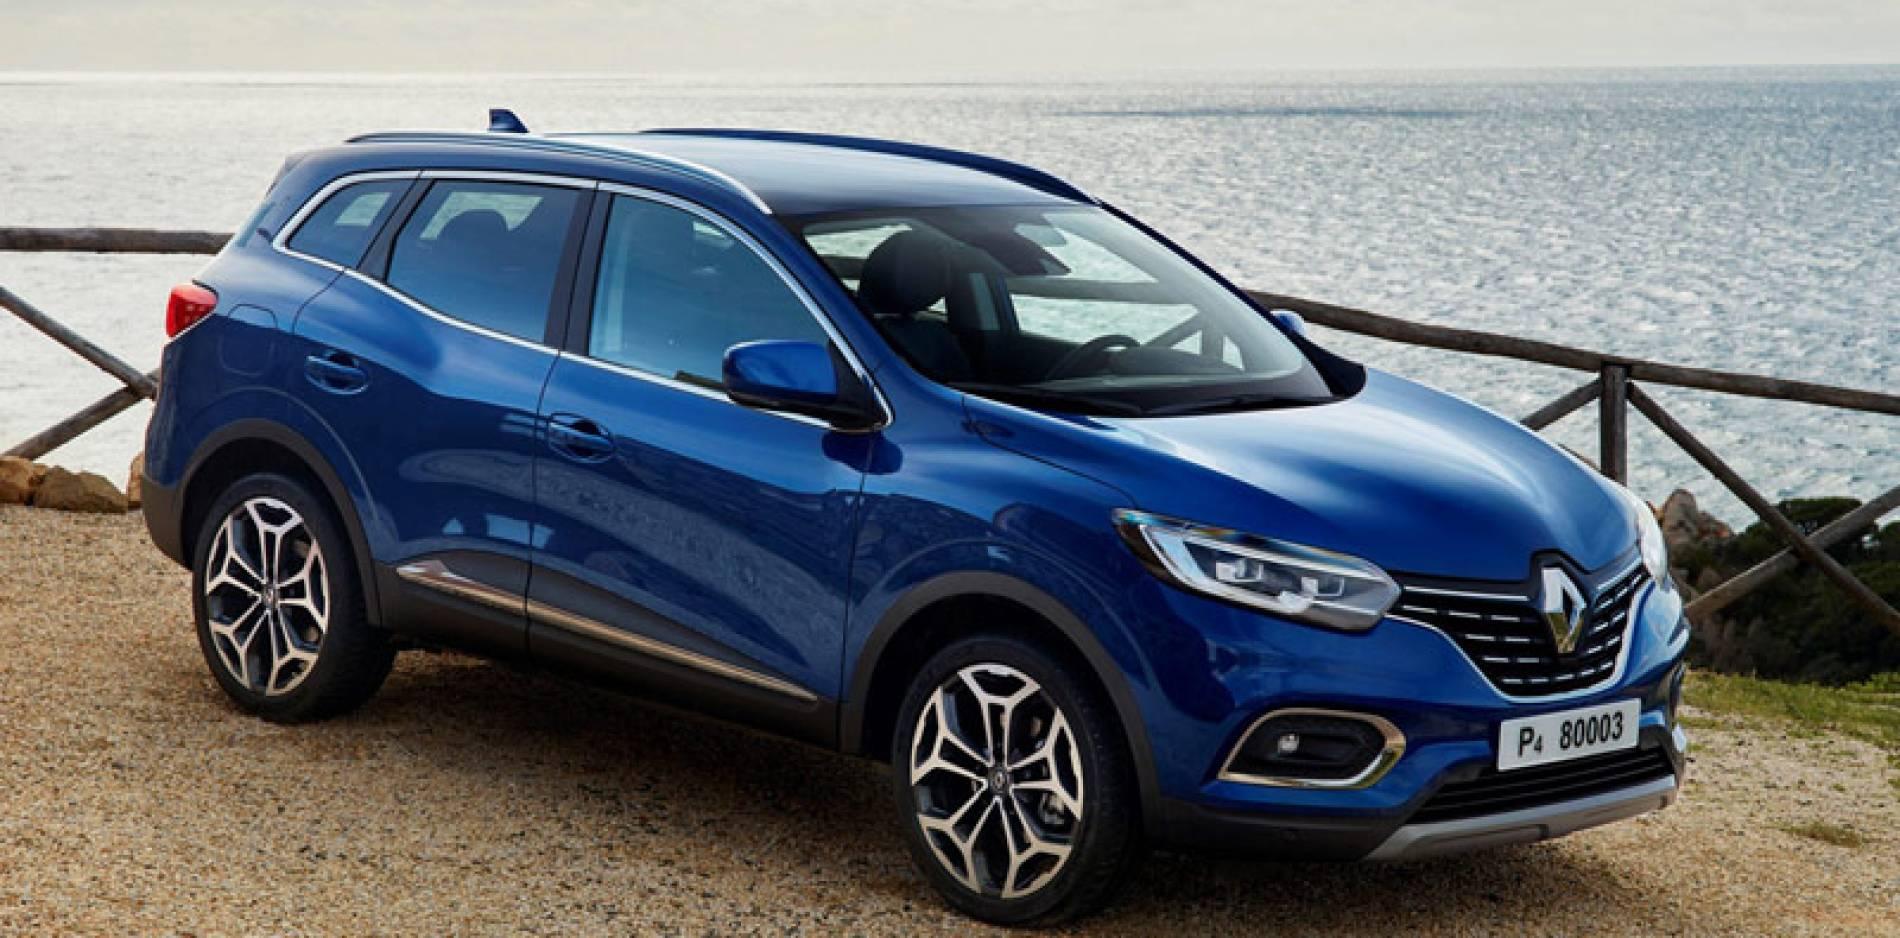 Primer contacto con el Renault Kadjar, revitalizado